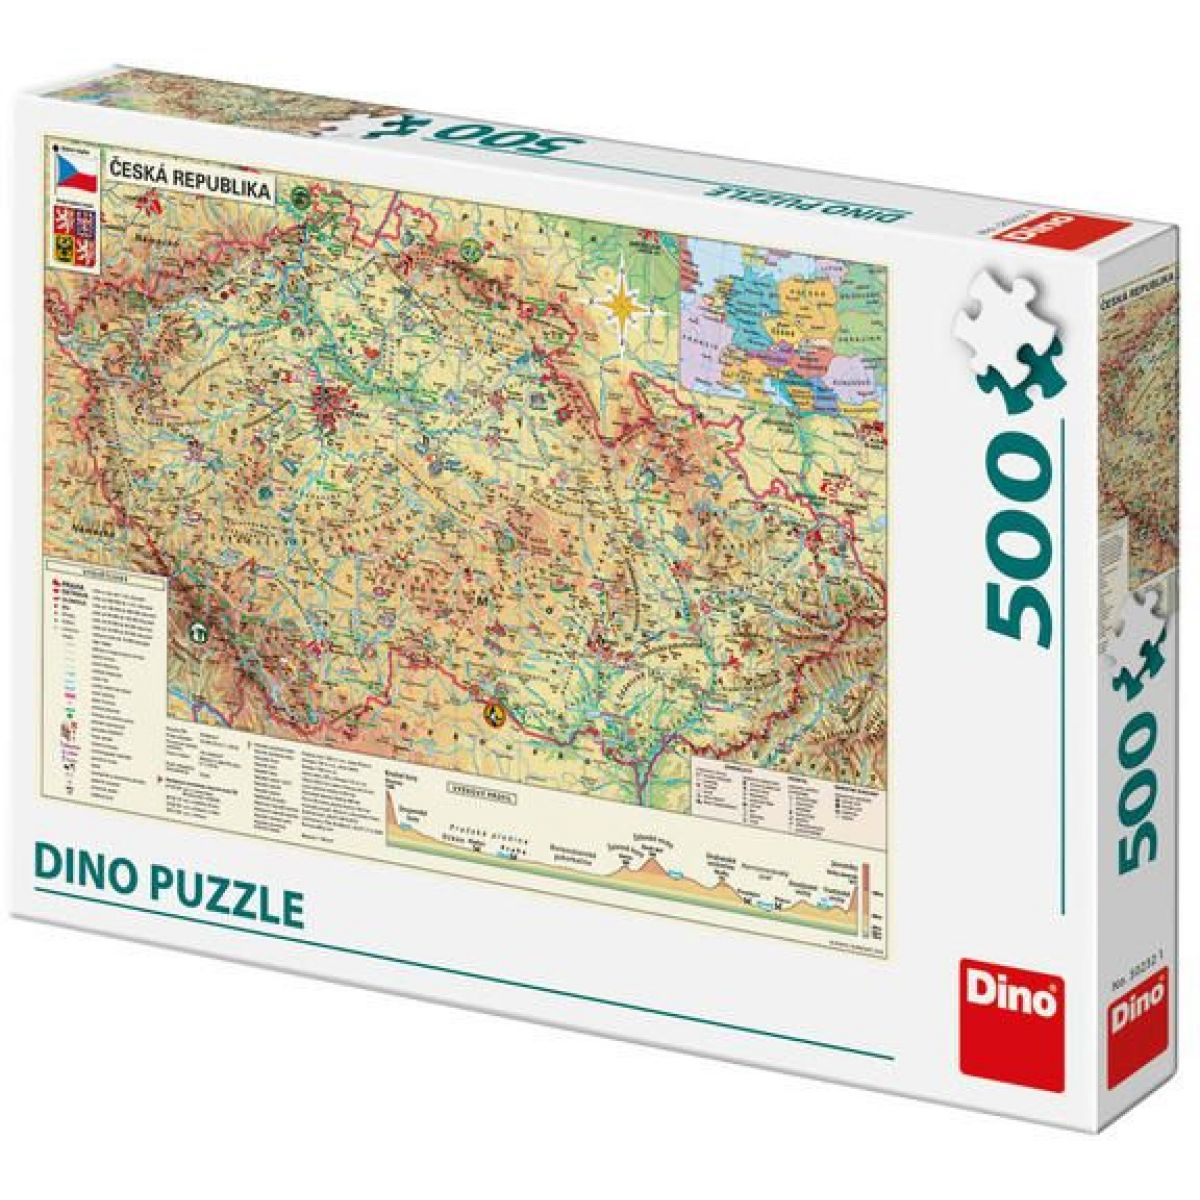 Dino Mapa české republiky puzzle 500 dílků